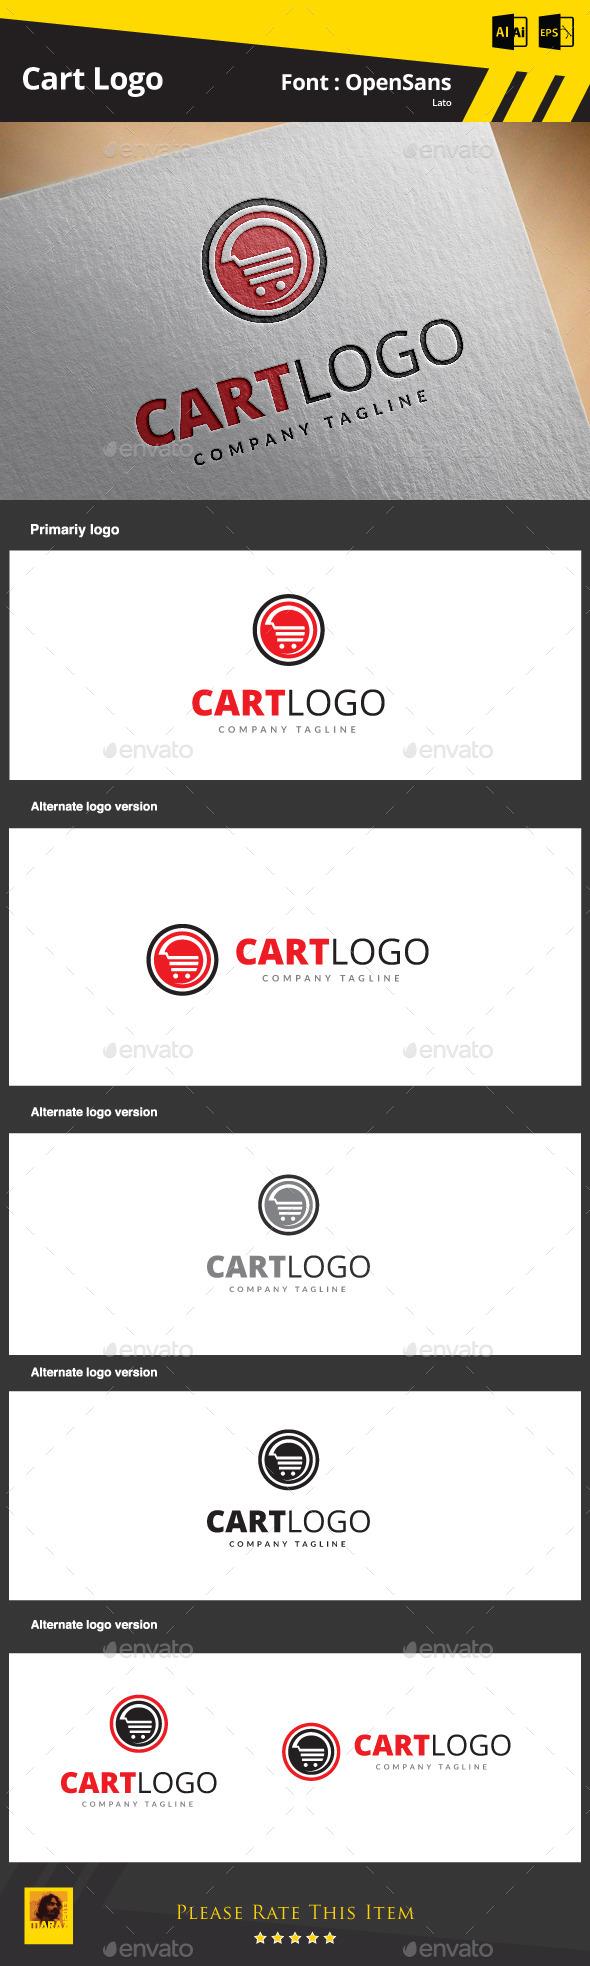 GraphicRiver Cart Logo 9178593